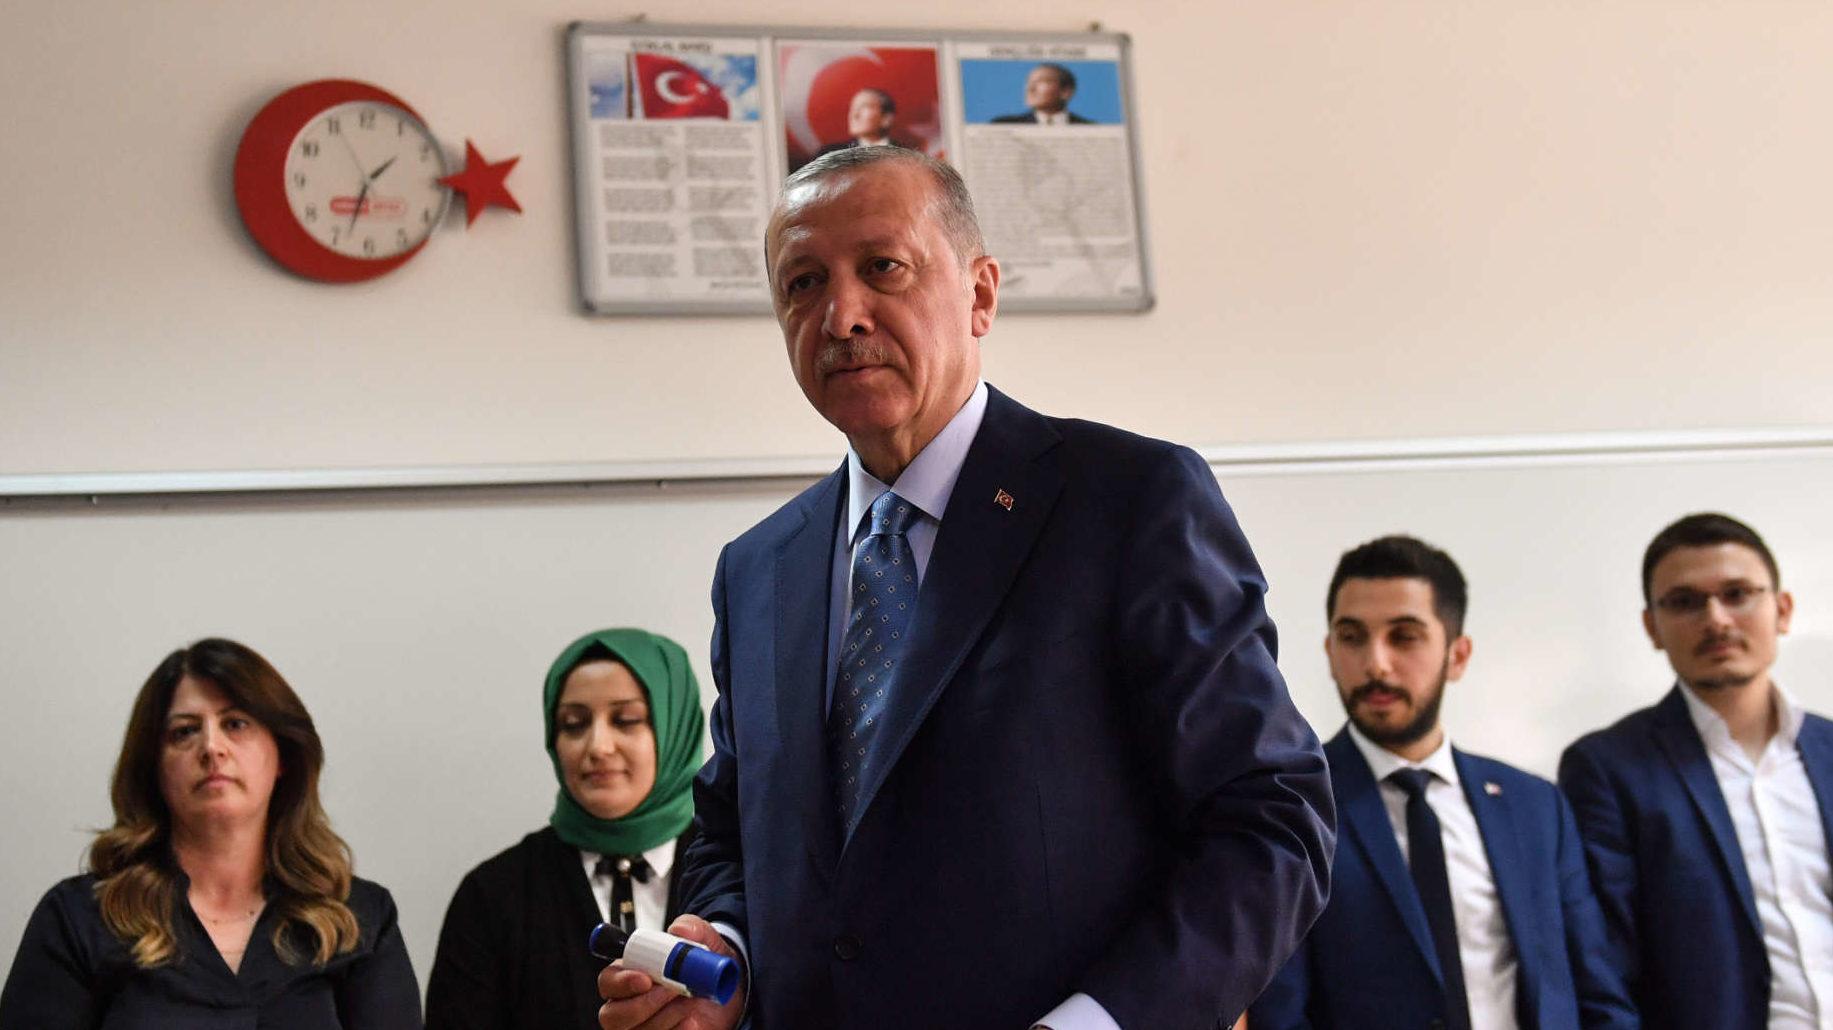 Der türkische Präsident Recep Tayyip Erdogan gab bei der gestrigen Wahl im Istanbuler Stadtteil Üsküdar auf der asiatischen Seite der Metropole seine Stimme ab.